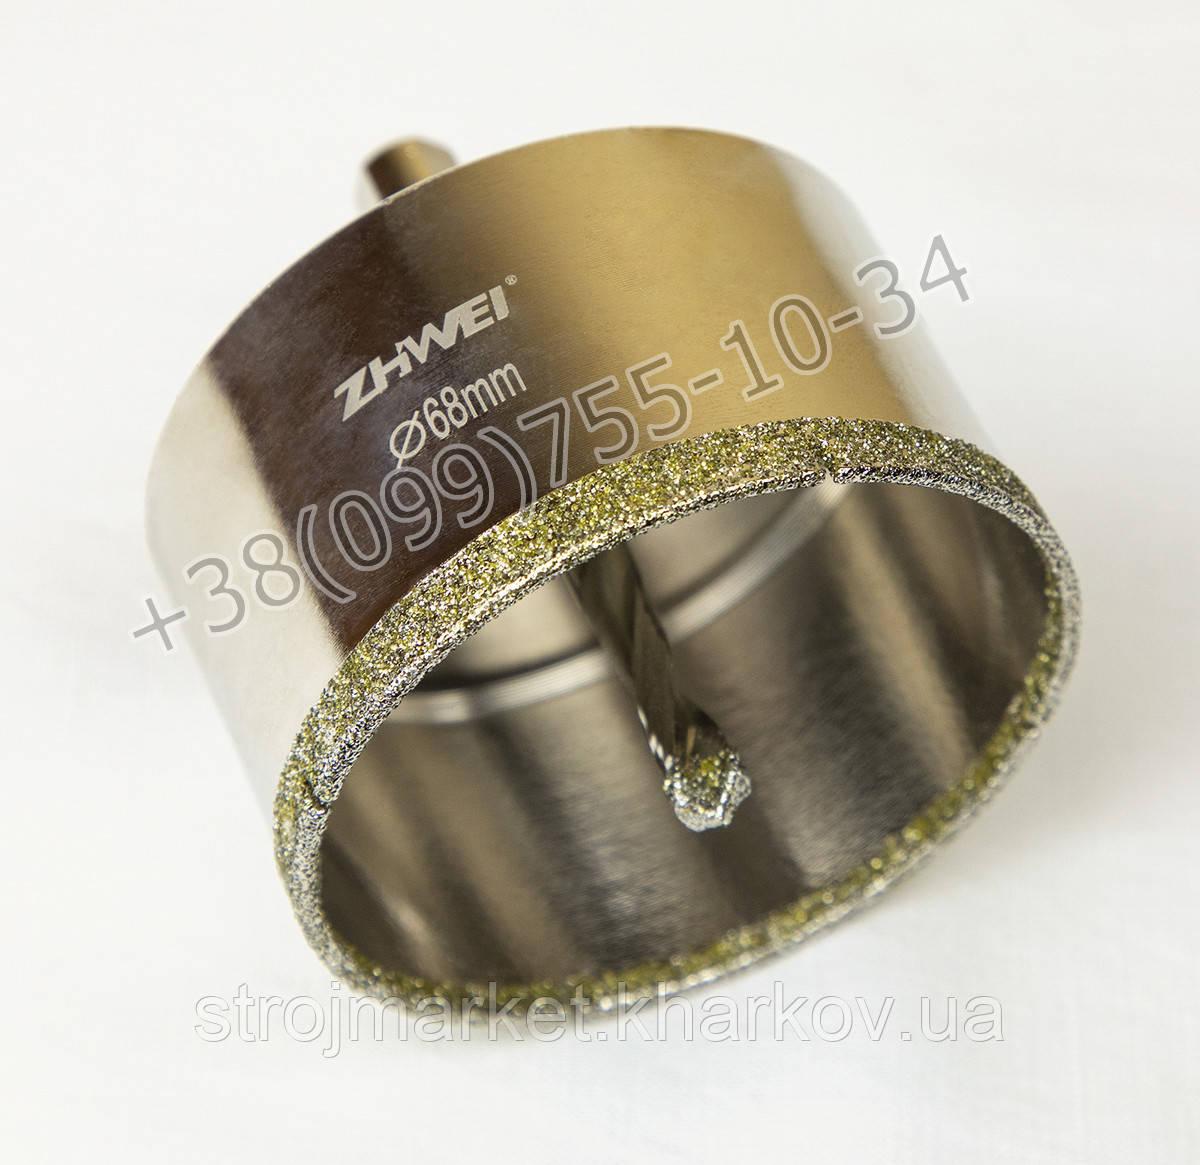 Алмазные коронки с сверлом ZHWEI 68мм